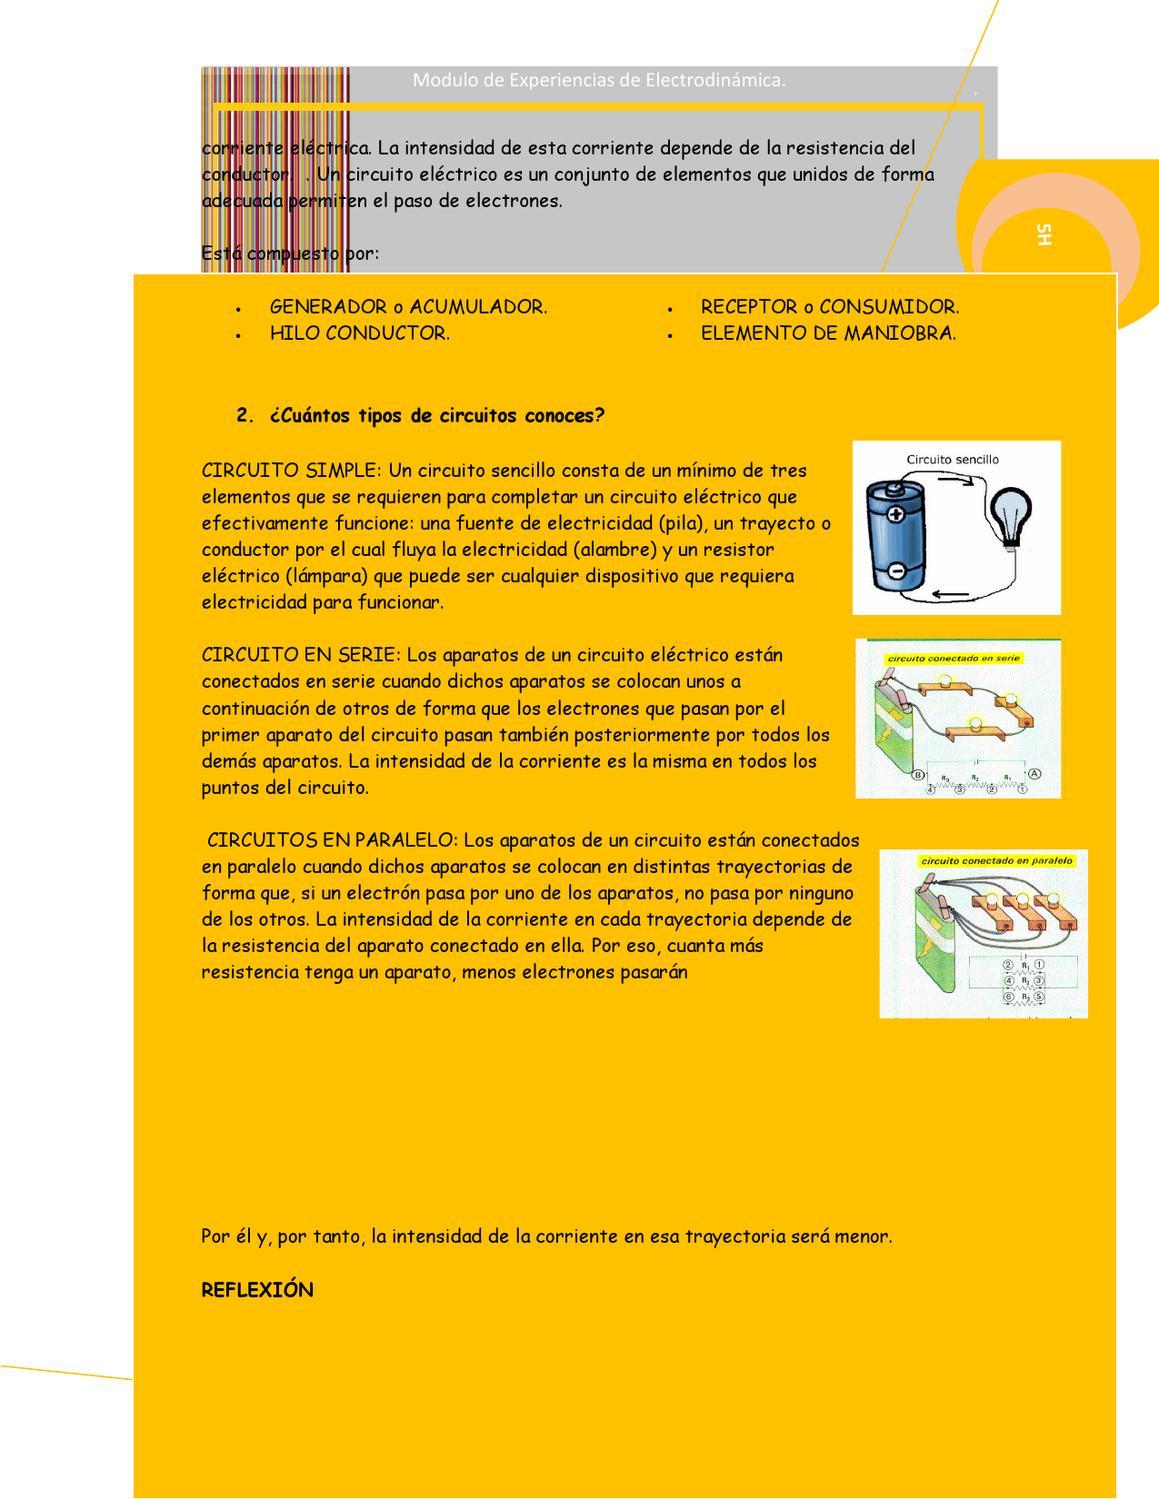 Circuito Sencillo : Modulo de experiencias de electrodinamica 5h by shirley cordova